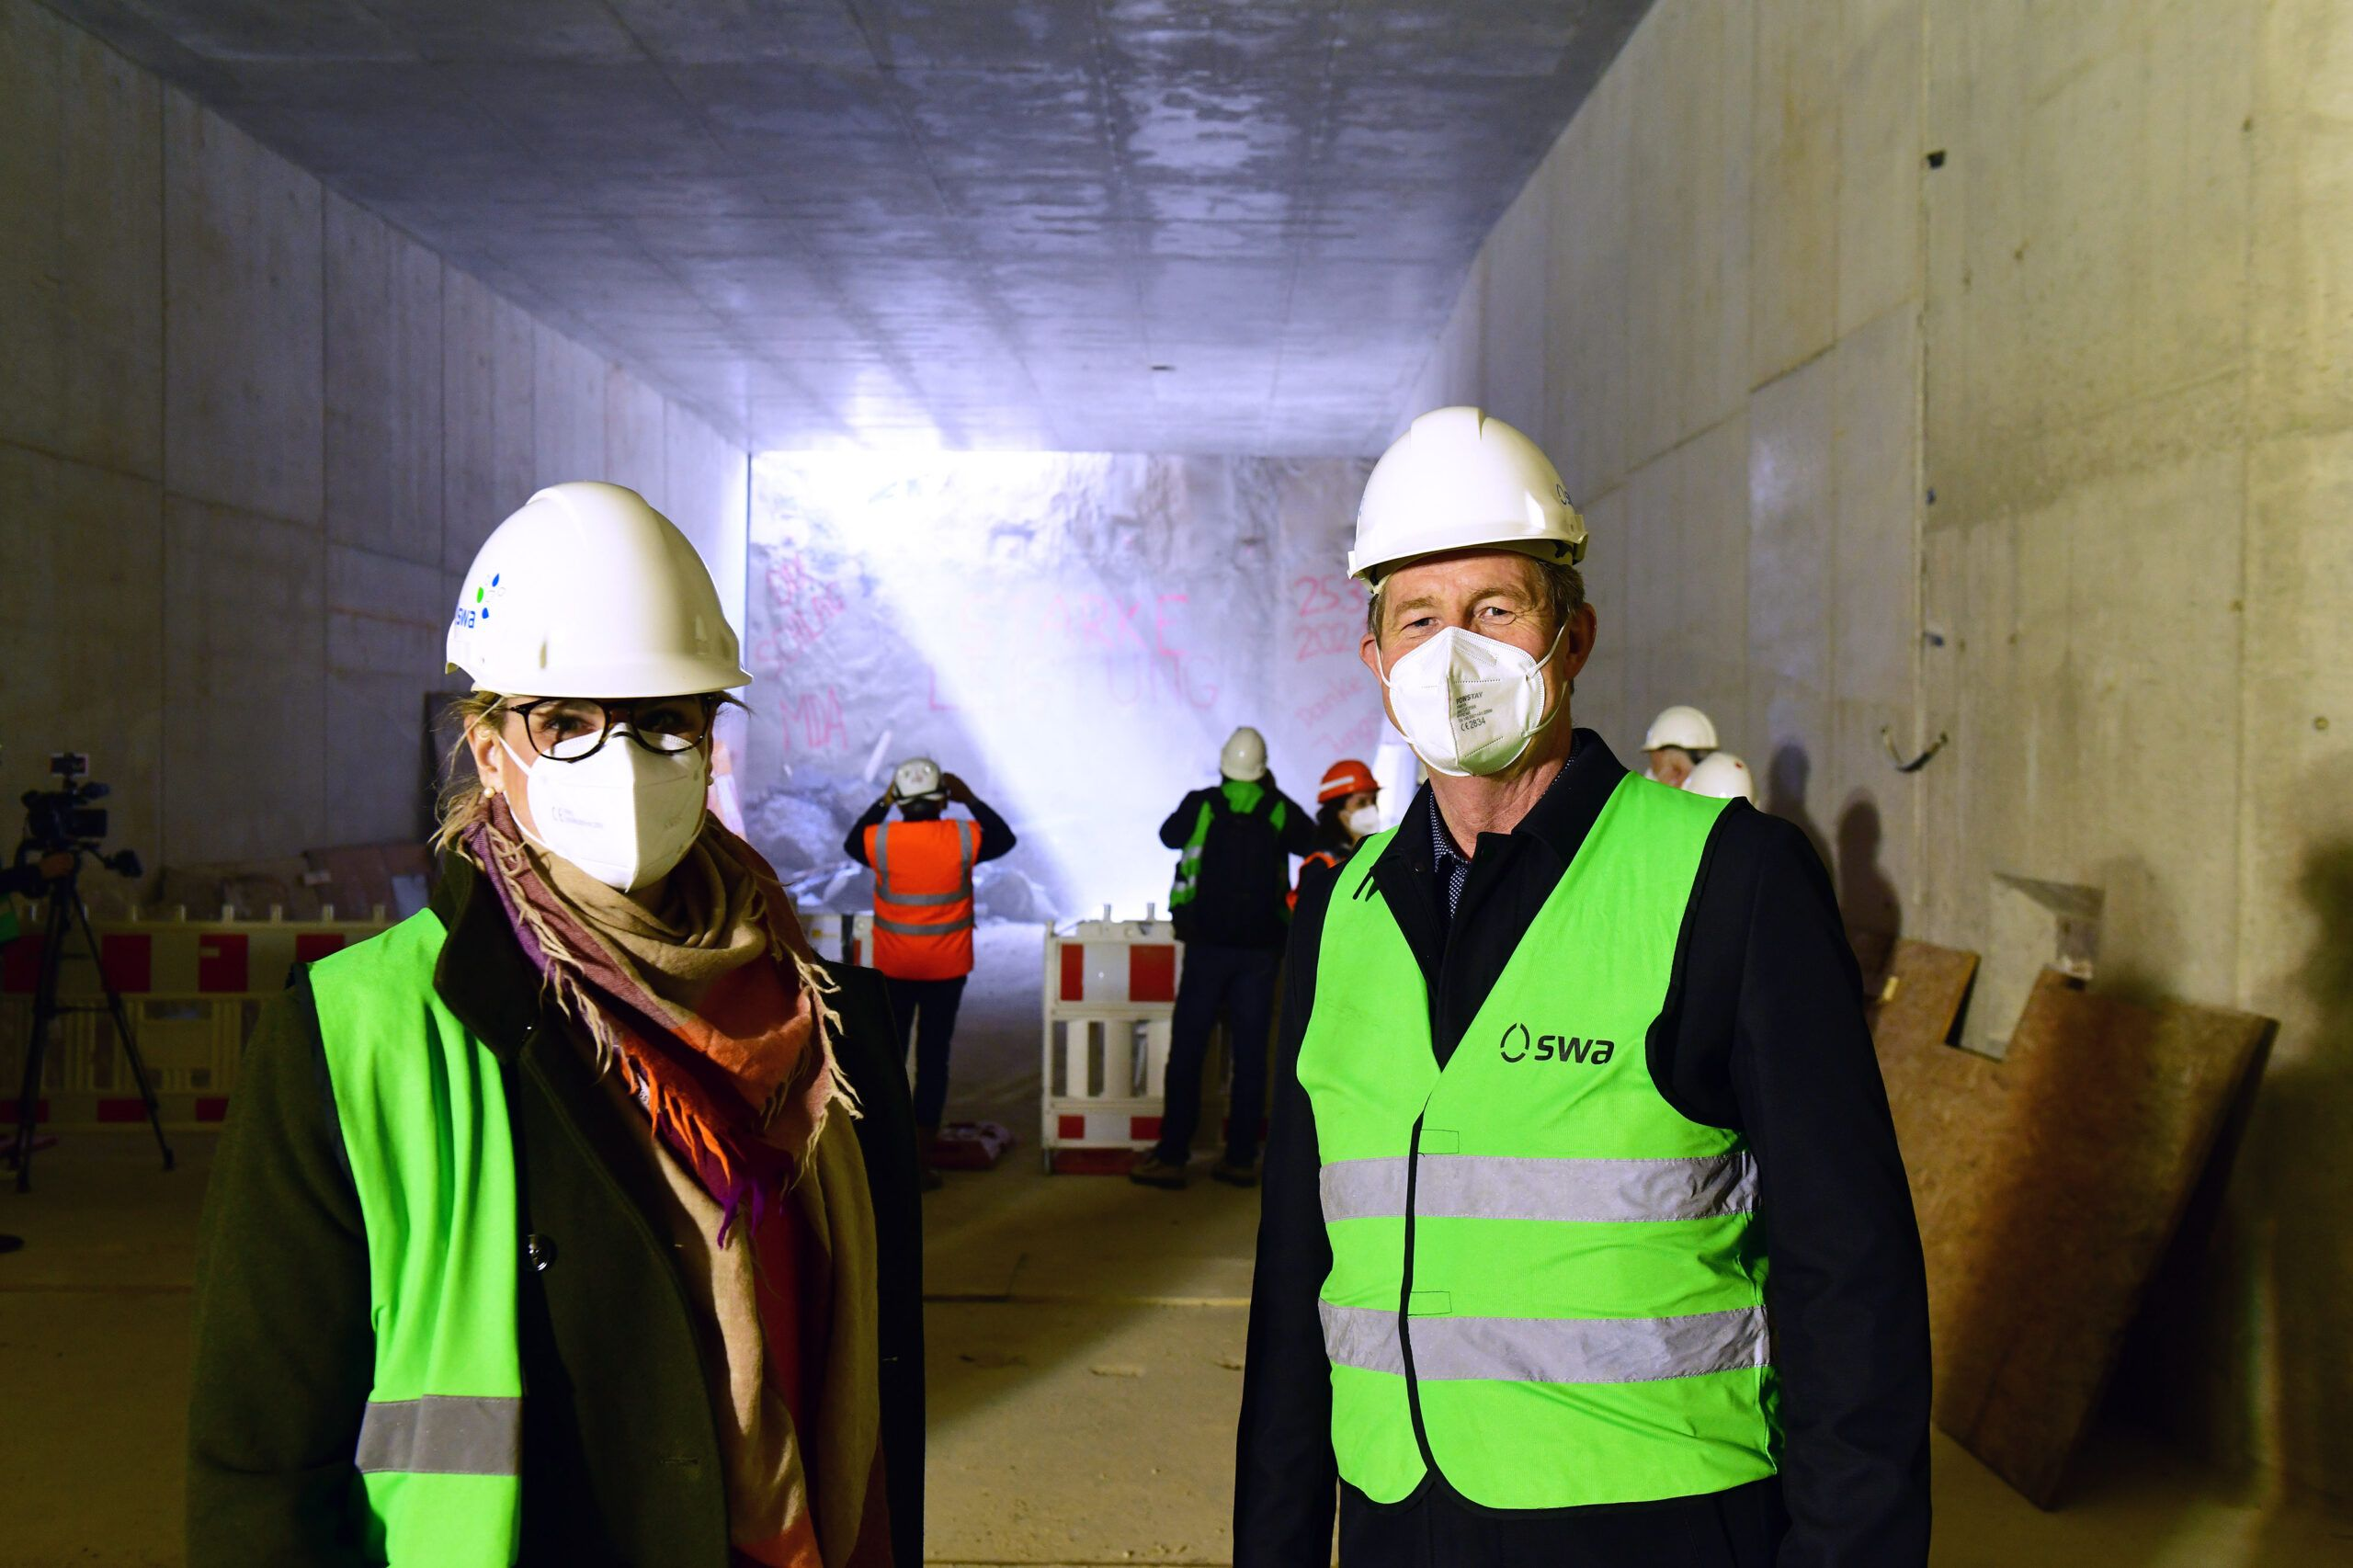 2021 03 25 Hbf Tunneldurchstich 2 Scaled